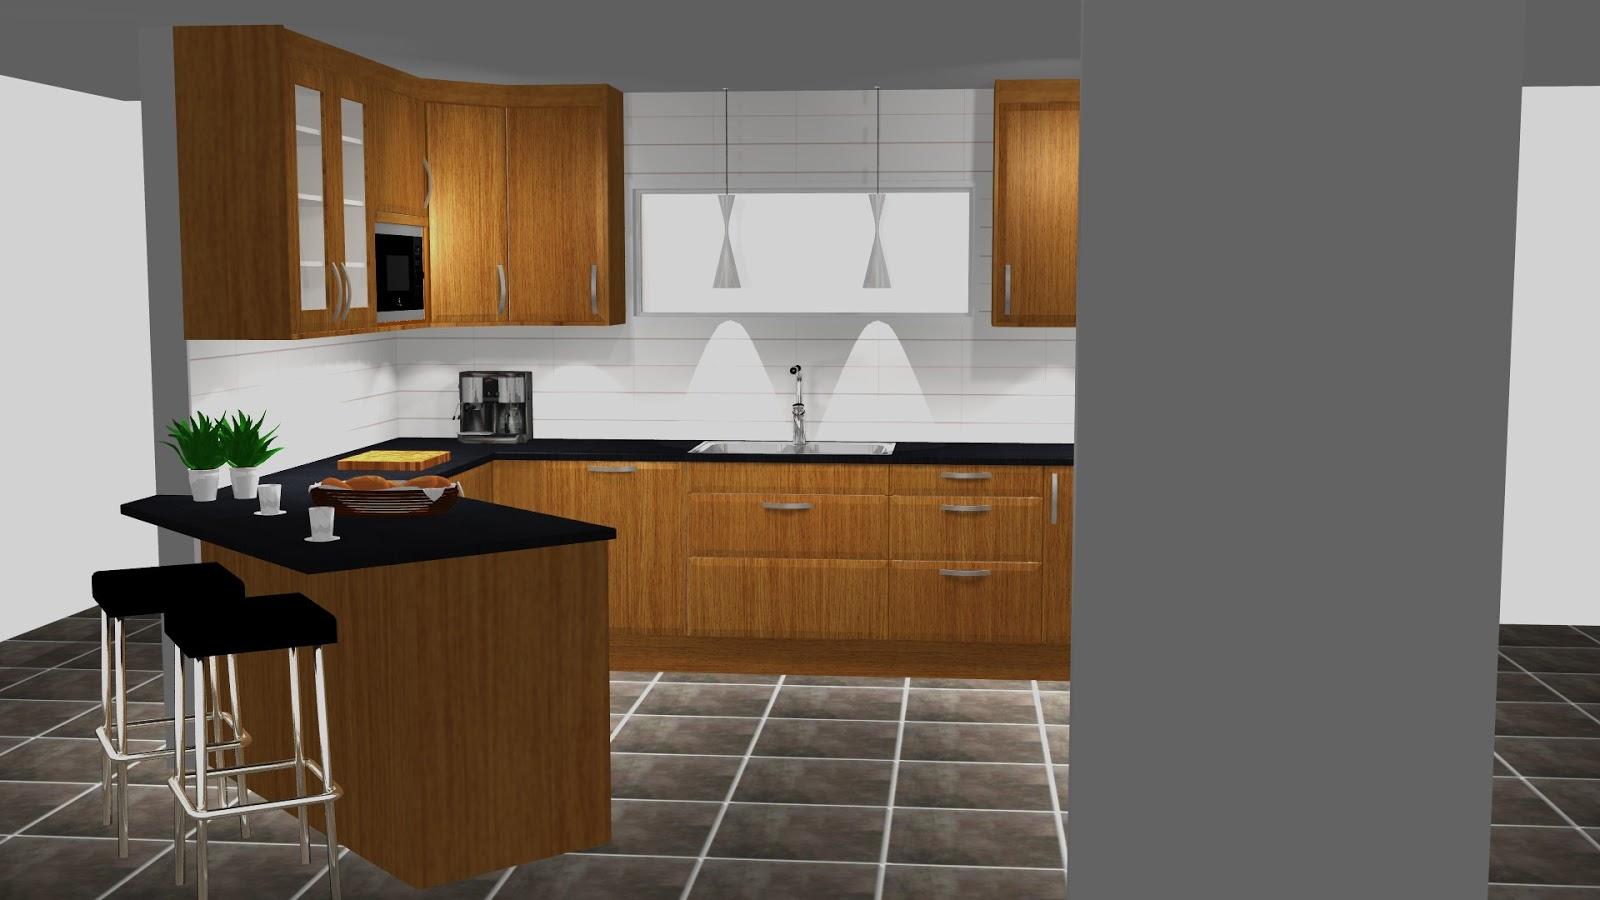 Louise och Thomas bygger stuga!: Nya köksritningar